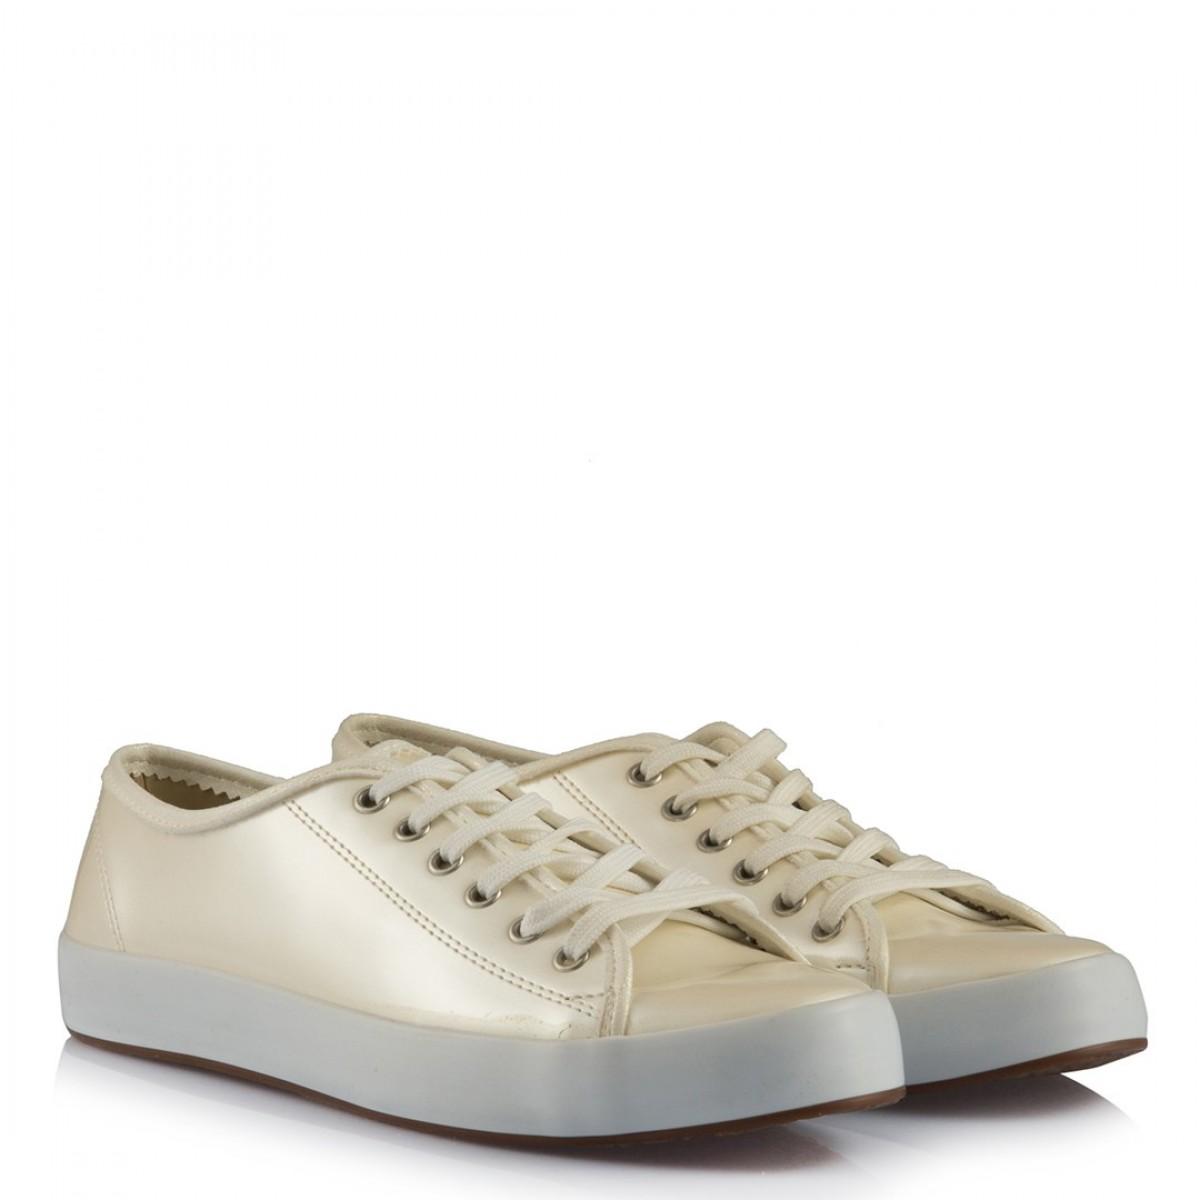 5e7366814d Gelin Ayakkabısı Vans Model